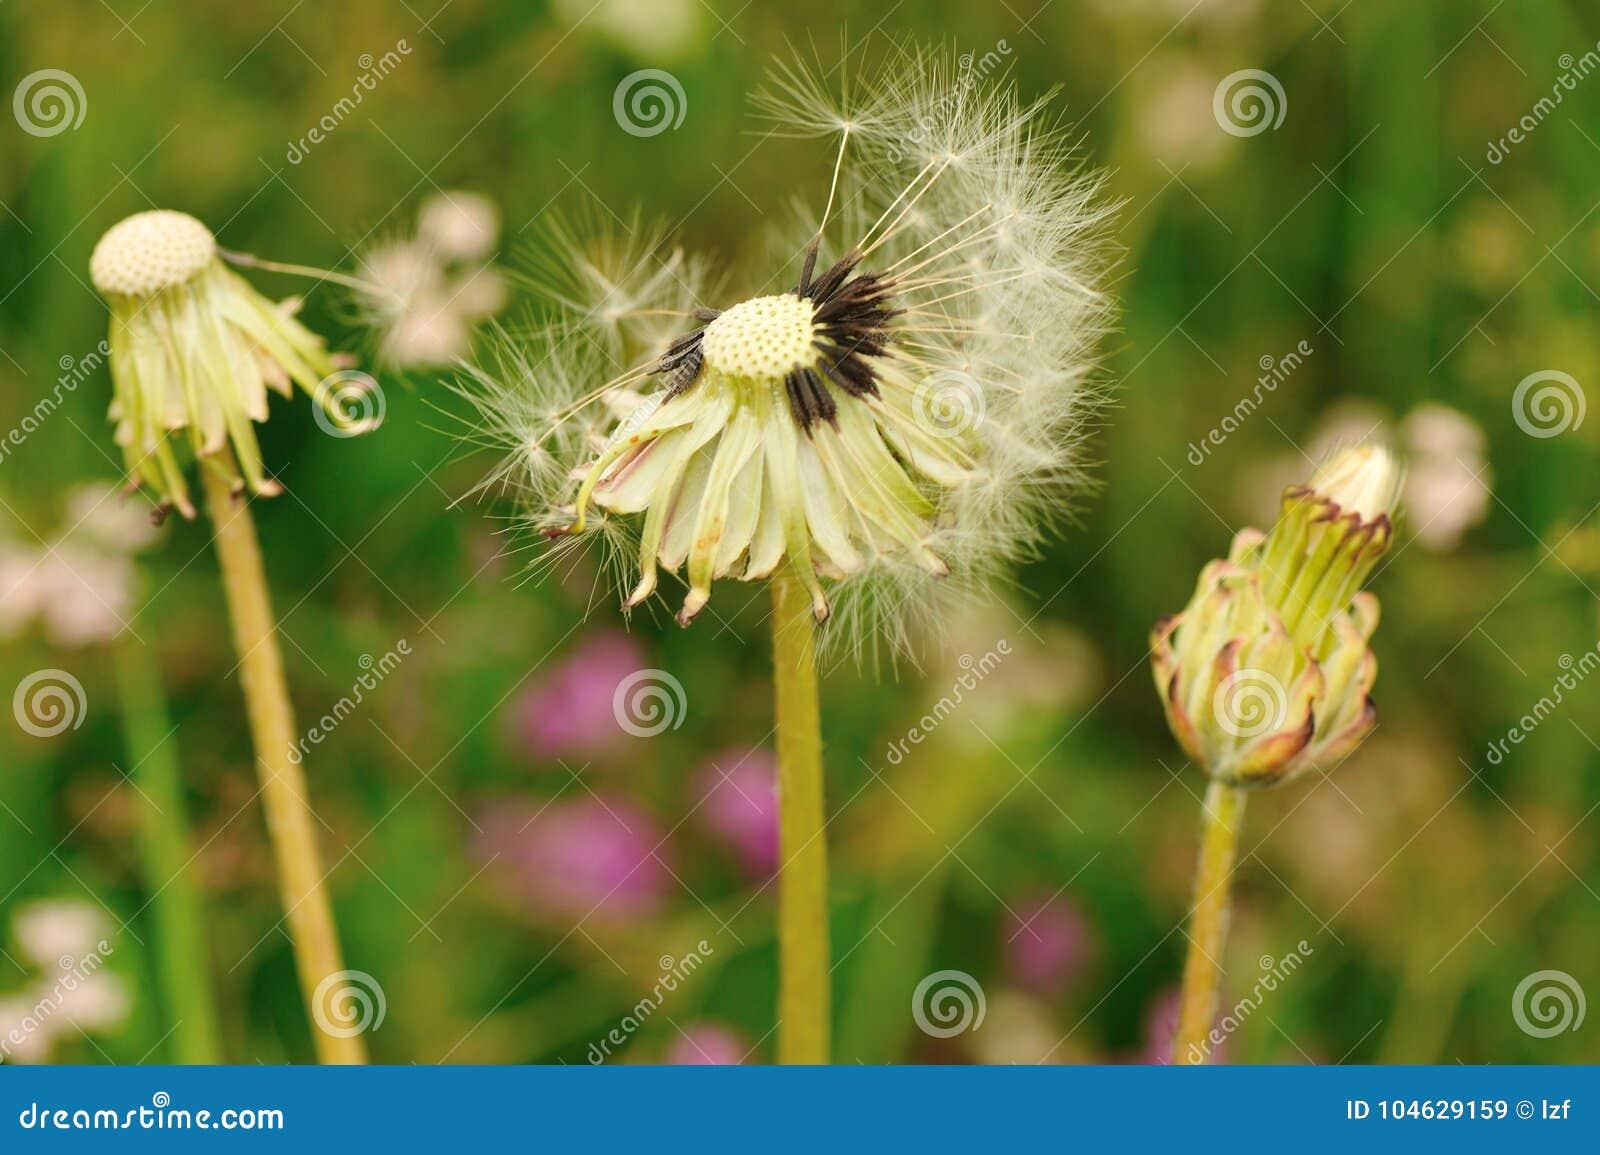 Download Paardebloembloem Op Een Groene Tuin Stock Afbeelding - Afbeelding bestaande uit radiaal, bloemblaadje: 104629159